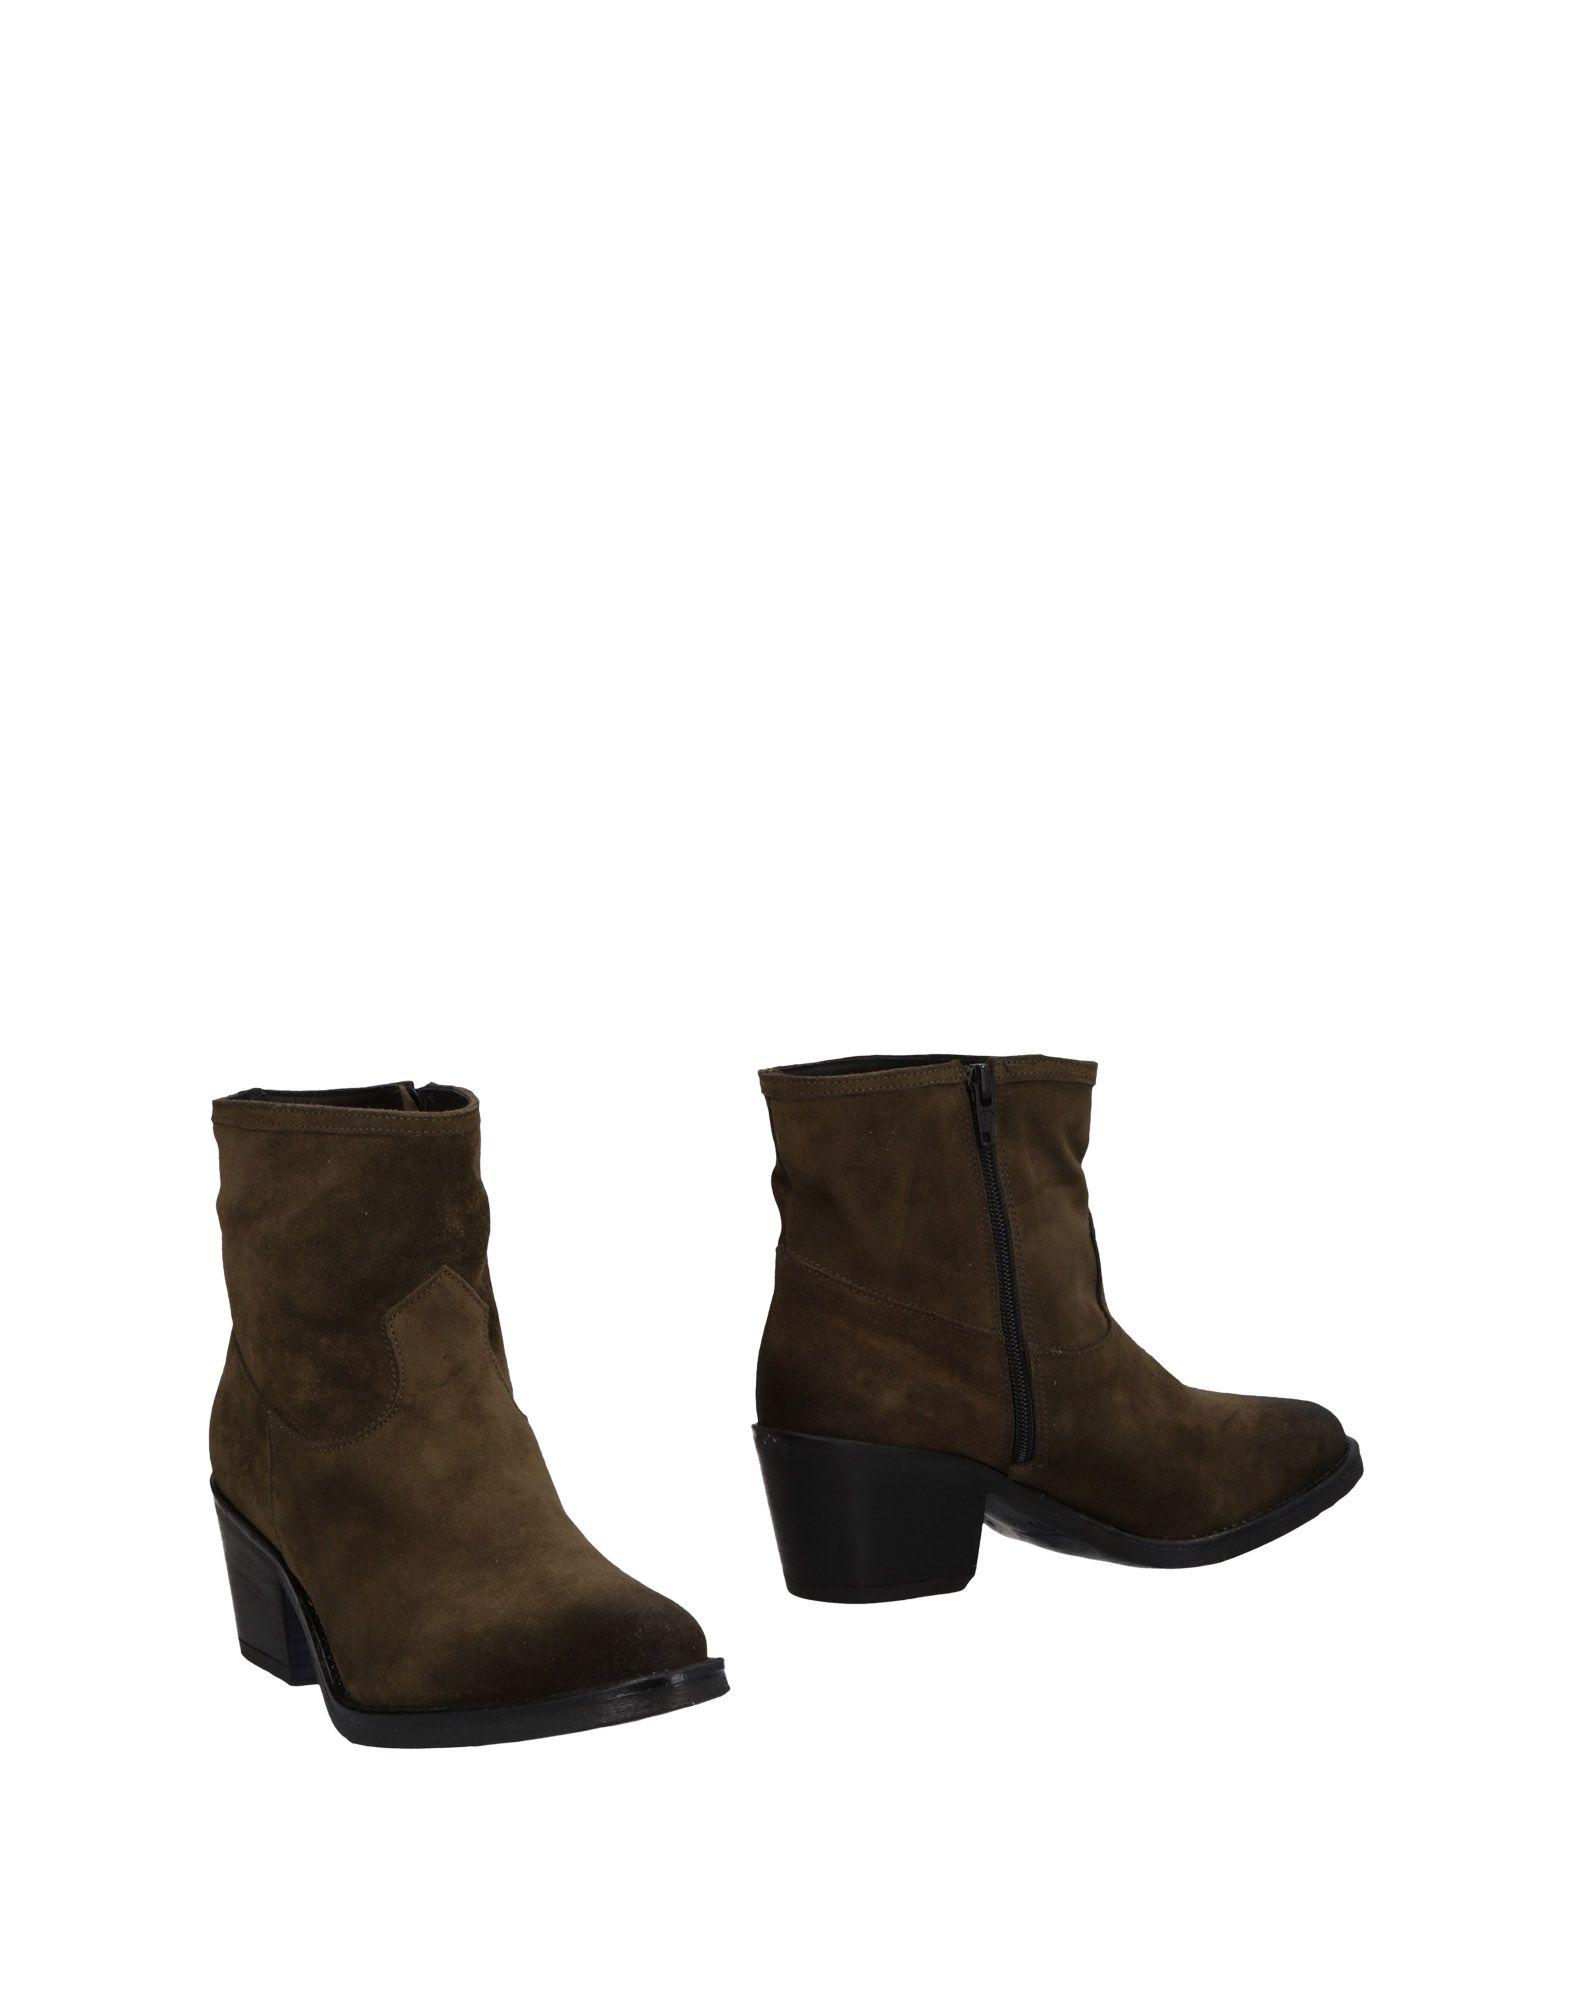 Mally Gute Stiefelette Damen  11474147BB Gute Mally Qualität beliebte Schuhe 13af18